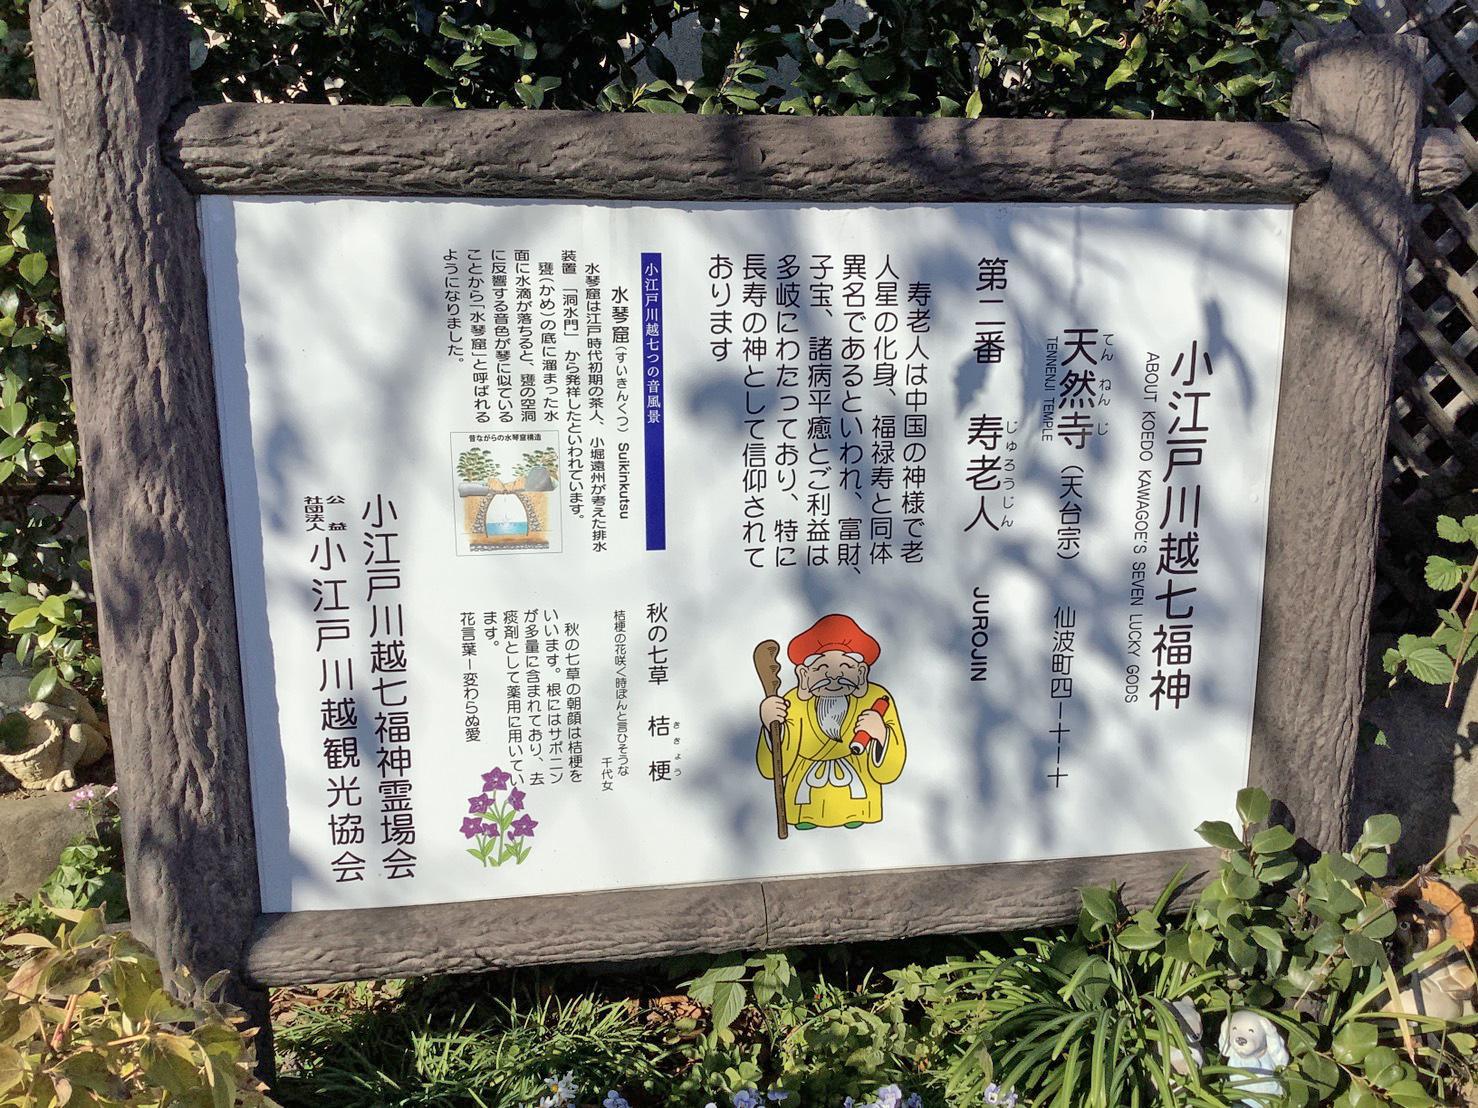 天然寺(Ten'nenji temple)